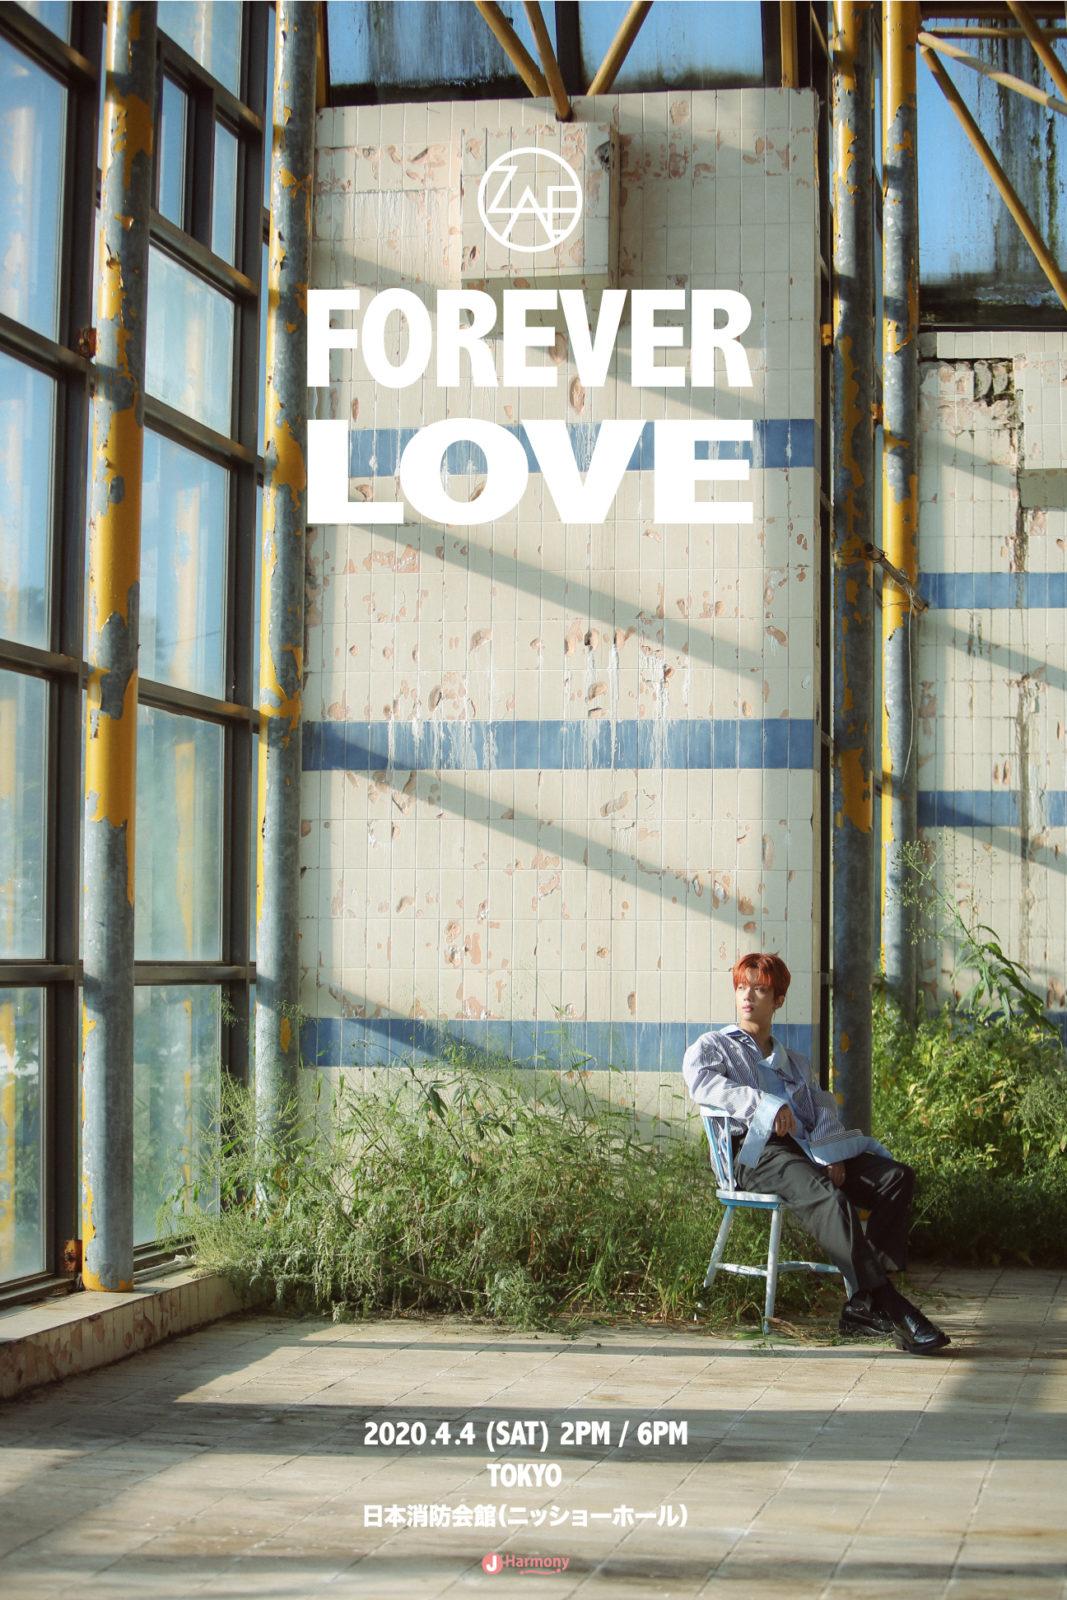 元B.A.Pヨンジェ、ファンミーティング&ミニコンサート「FOREVER LOVE」開催決定サムネイル画像!